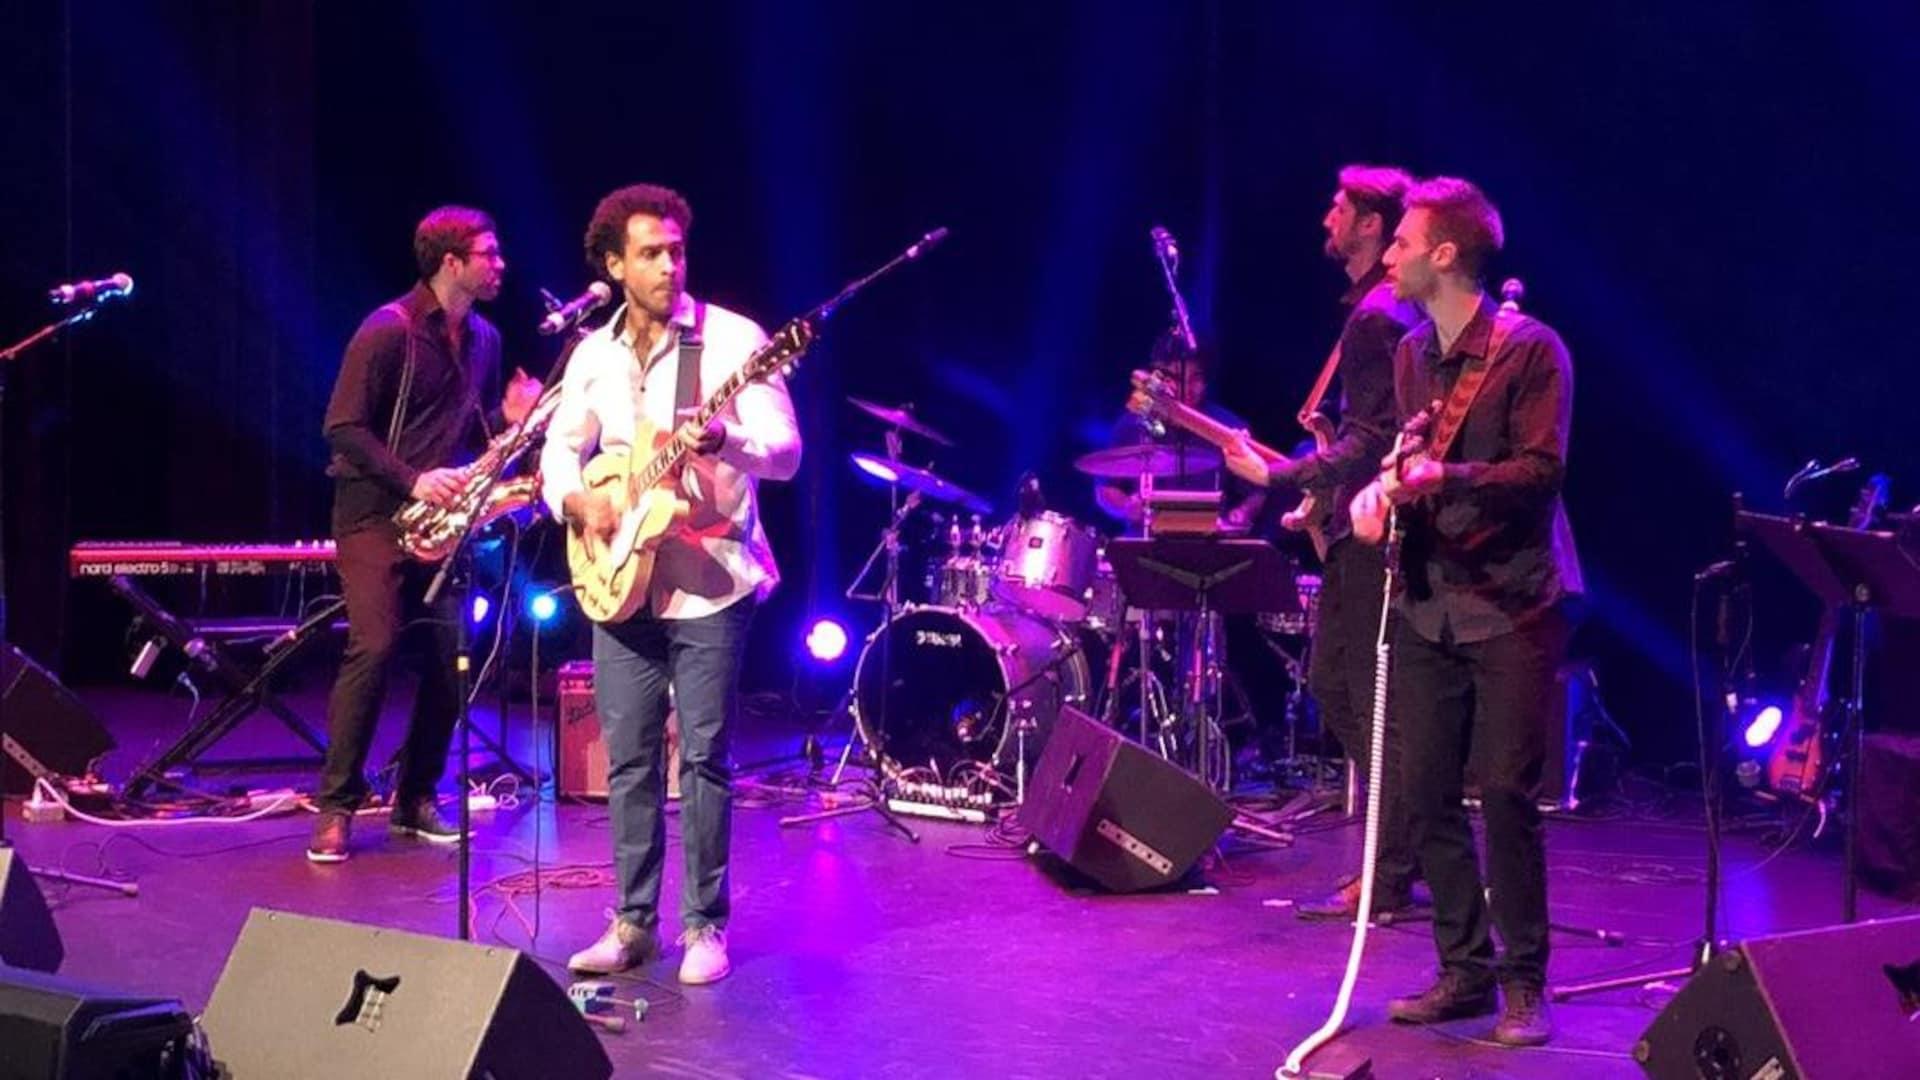 Un groupe de musicien sur une scène.